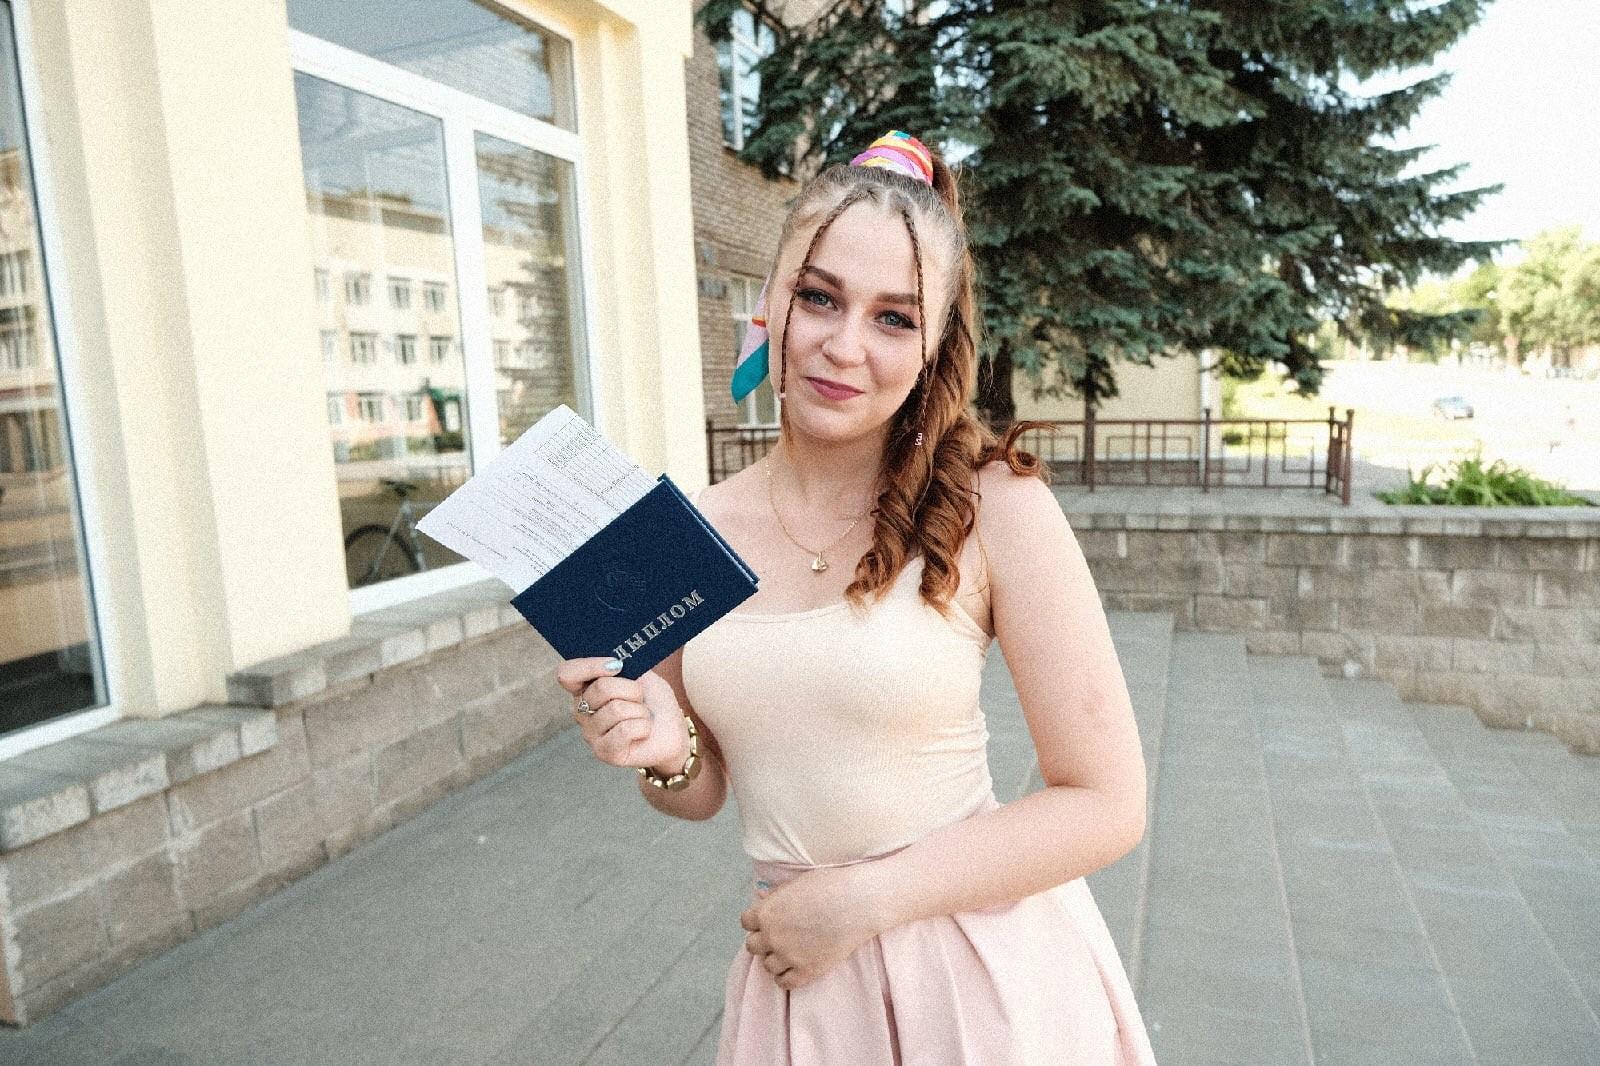 Актриса Полесского драмтеатра Варвара Морозова: «Не бойтесь быть смешным в новом коллективе»